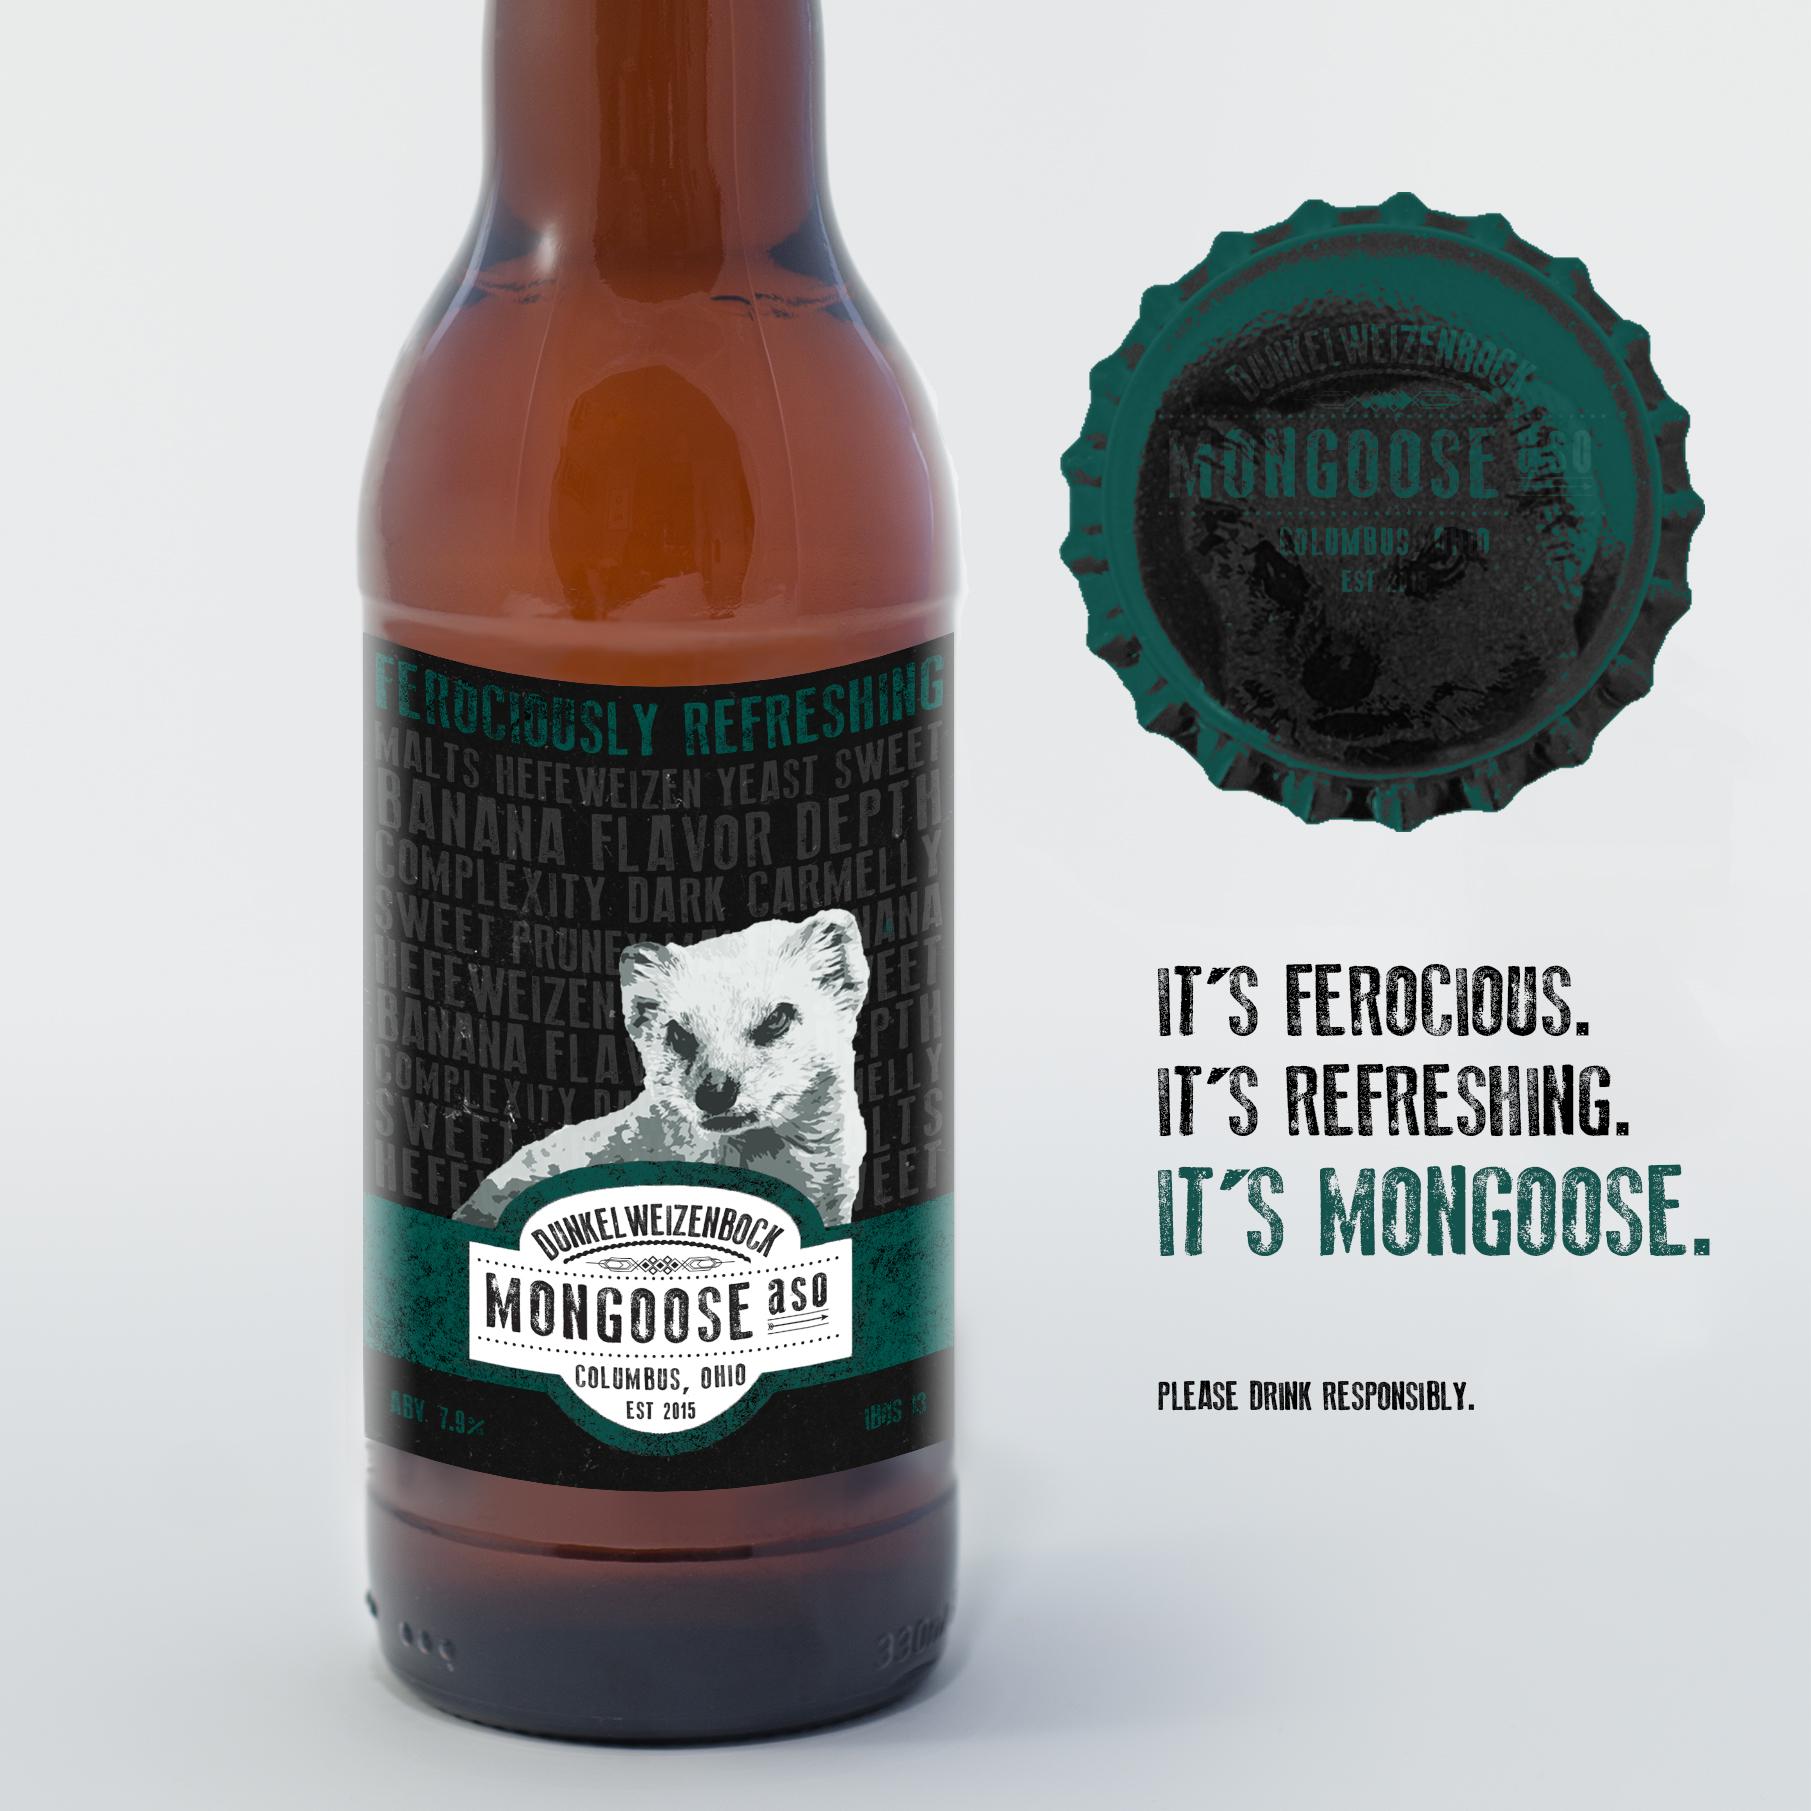 Mongoose A.S.O.